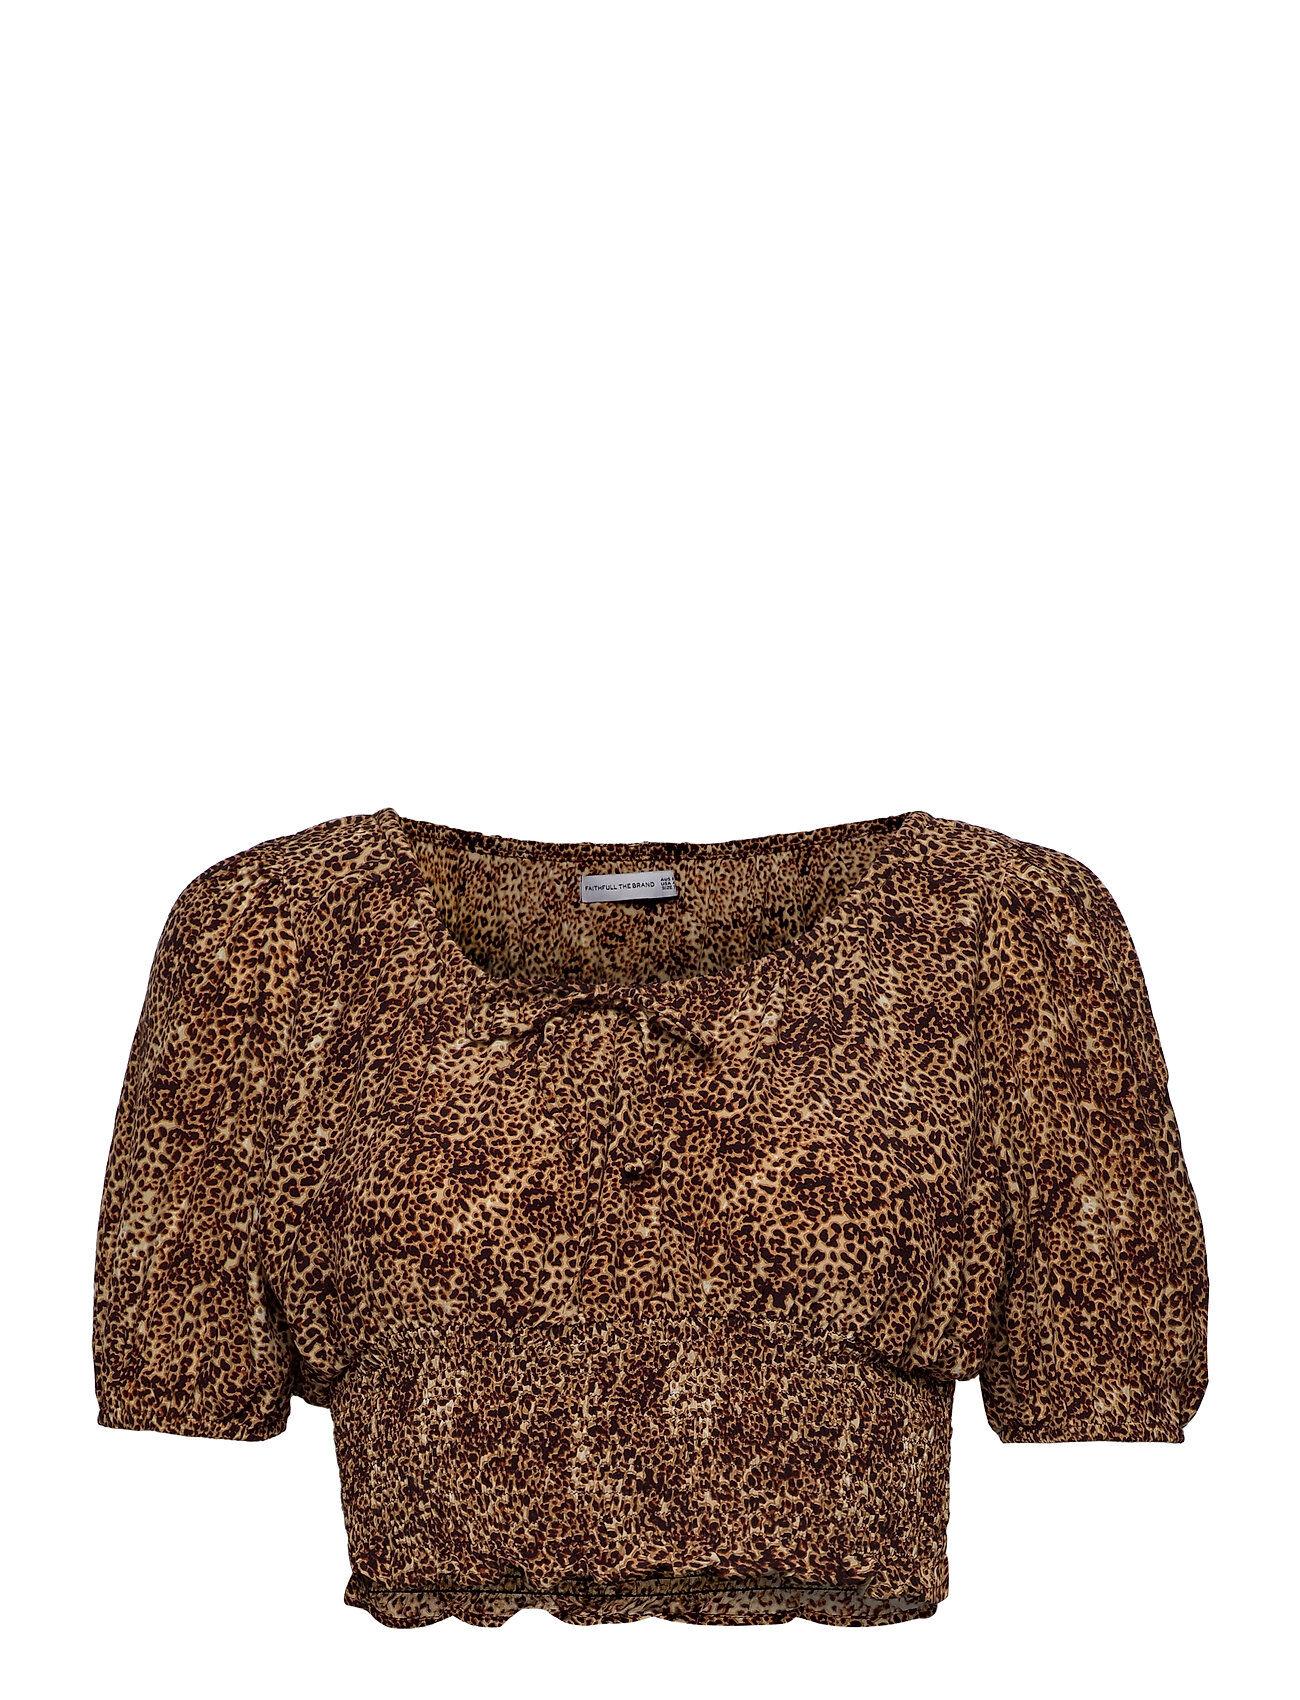 Faithfull The Brand Anne Laure Top Blouses Short-sleeved Ruskea Faithfull The Brand